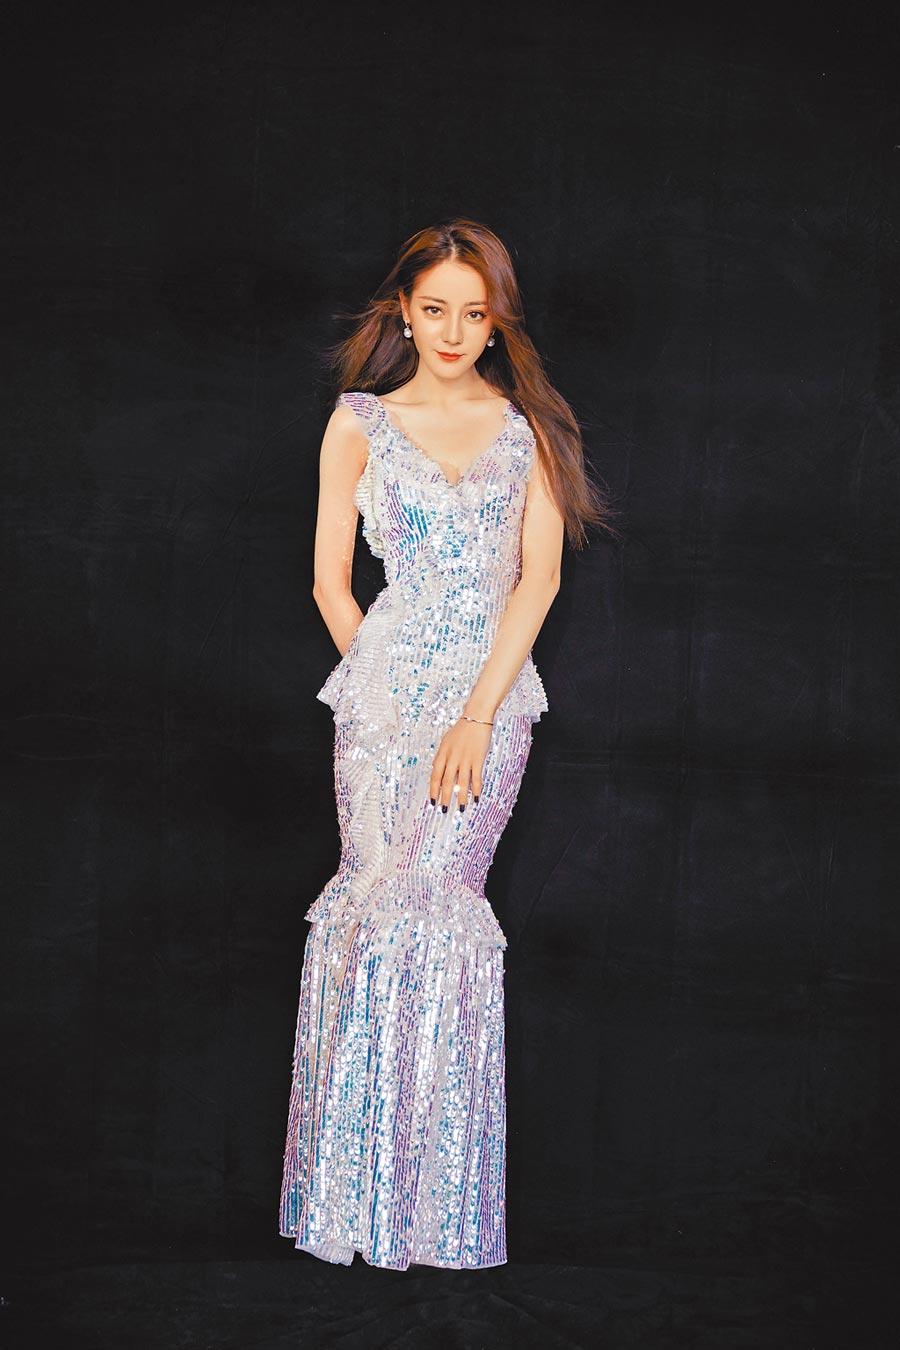 迪麗熱巴在生日會上穿魚尾禮服搭配MIKIMOTO珍珠,造型宛如美人魚般優雅脫俗。(MIKIMOTO提供)